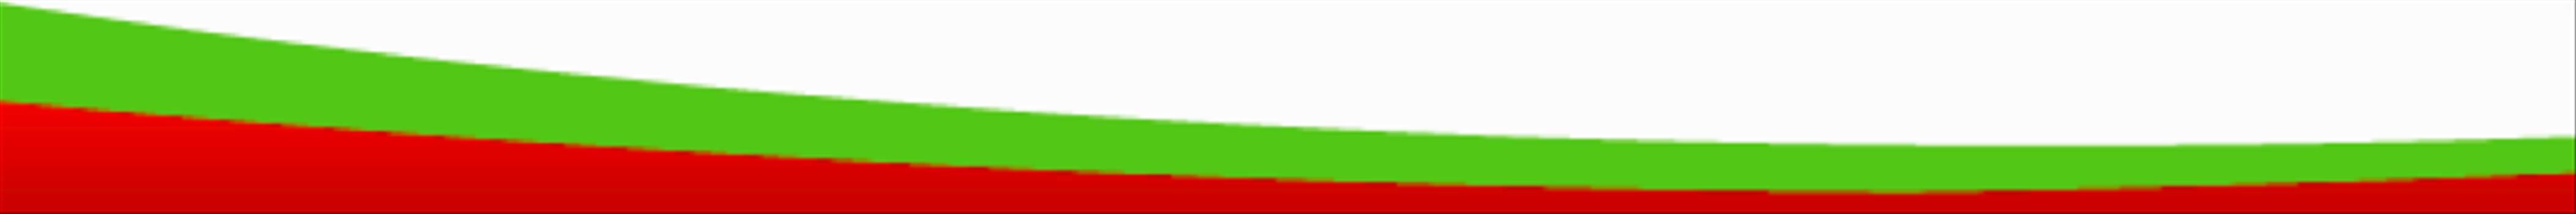 Anexo 3 - Ejemplos de Plantillas de Notificación  2019-06-06 14-58-34.png by majo